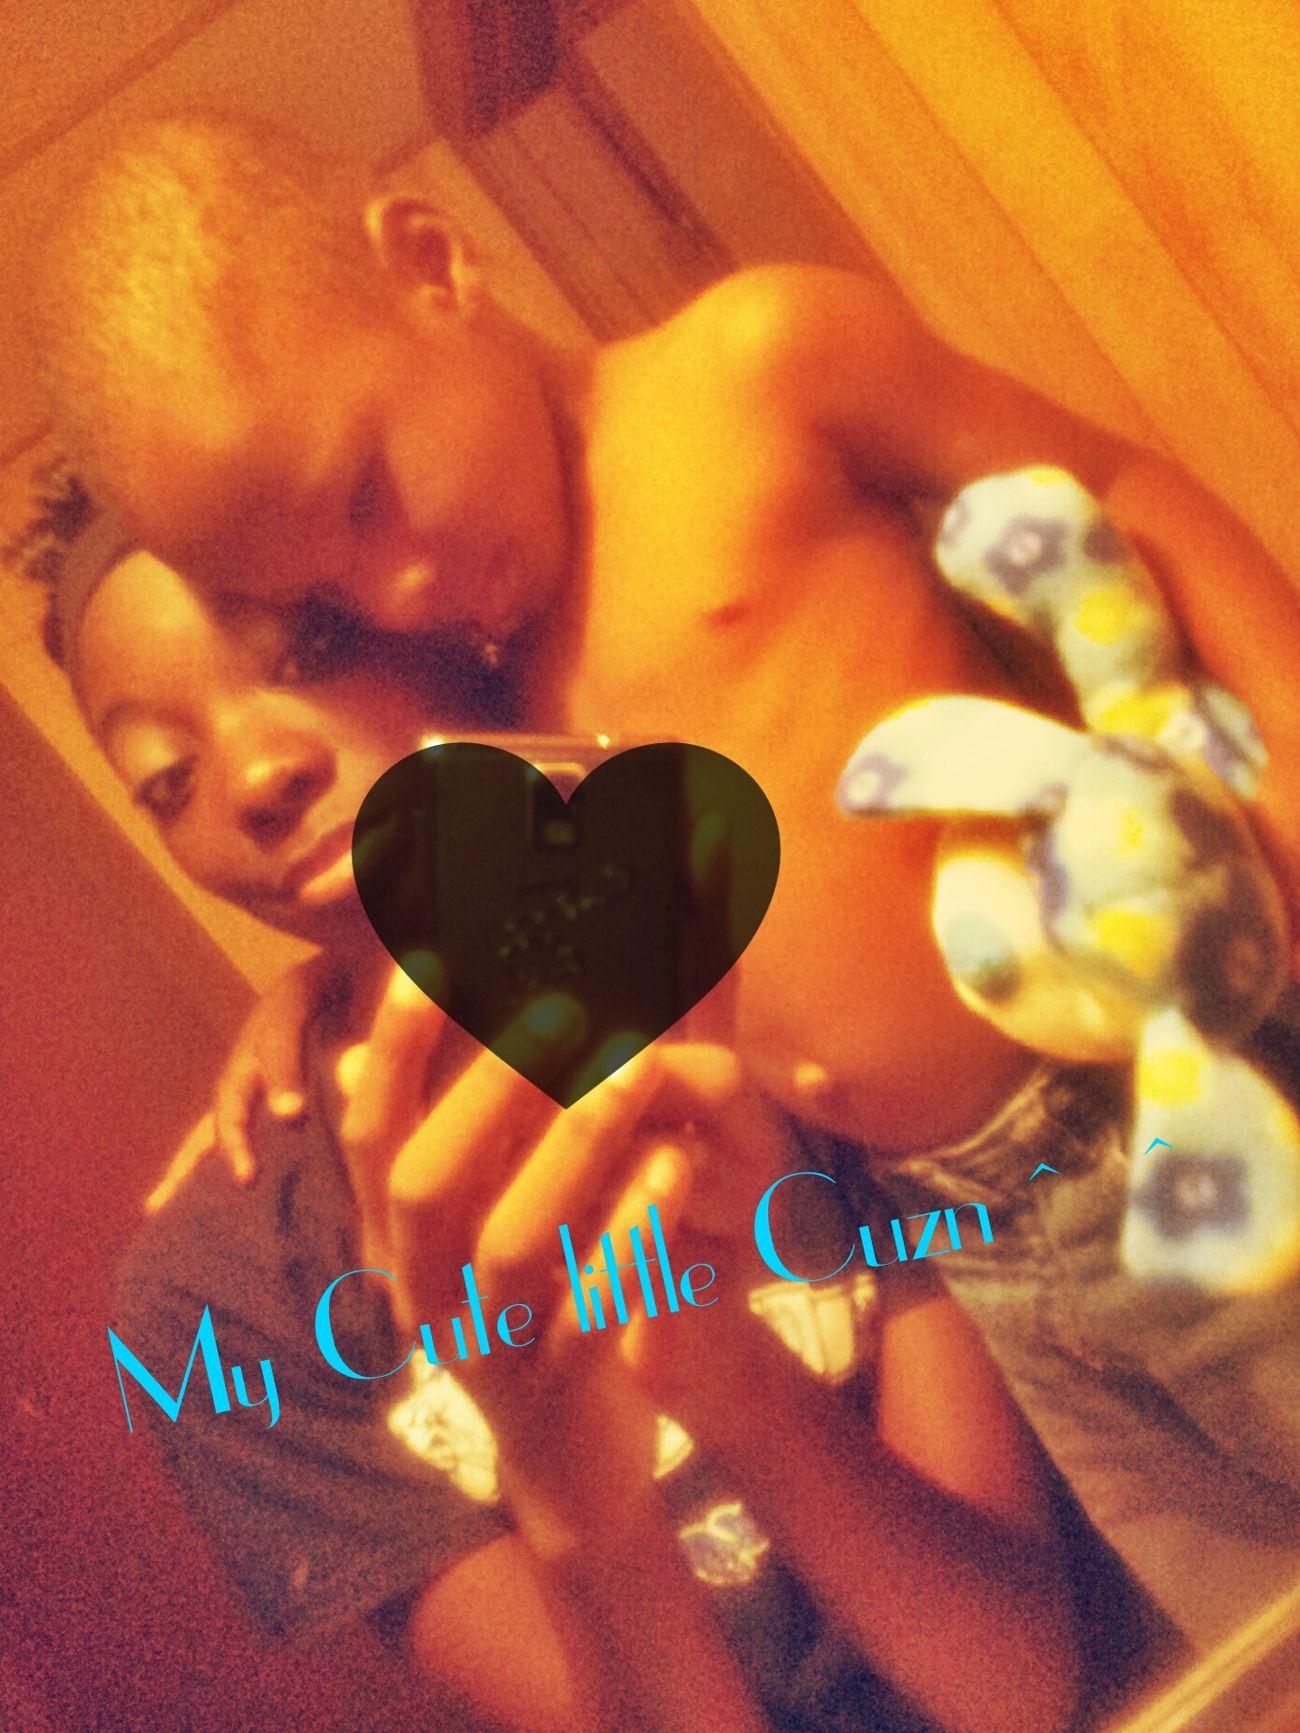 My Lil Cuzzn